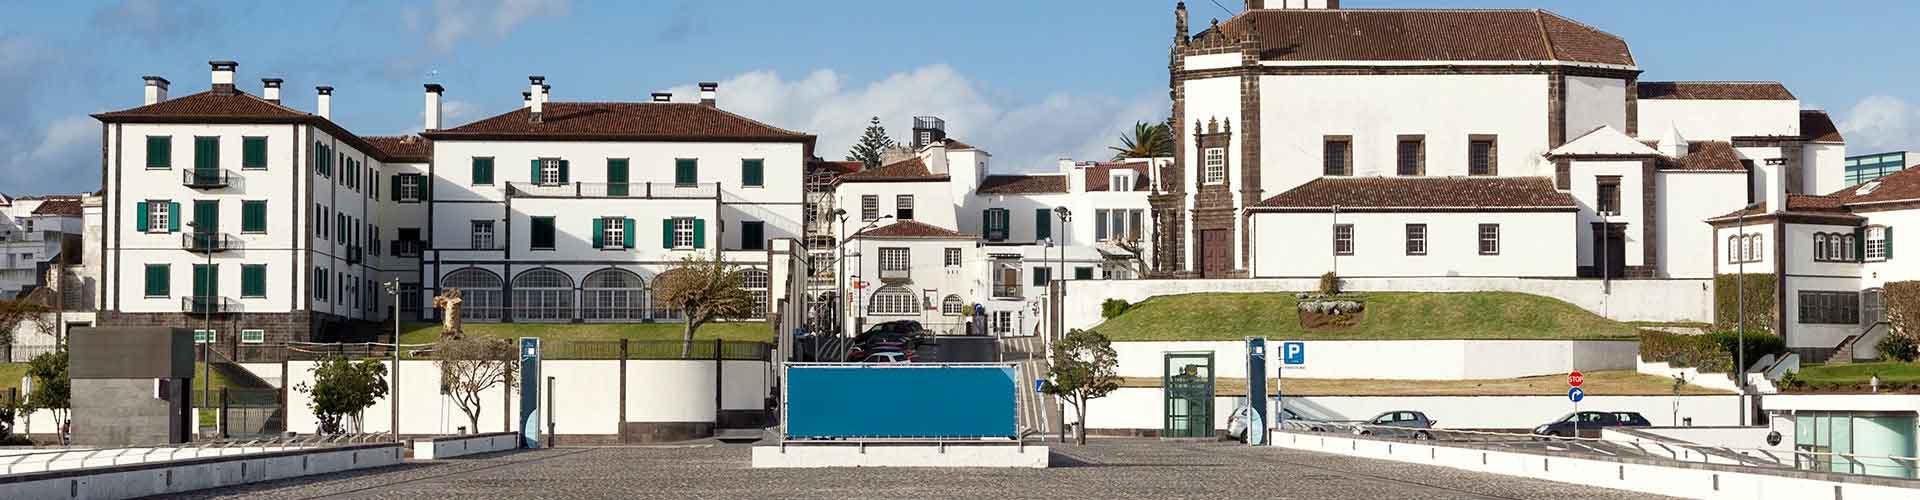 Ponta Delgada - Hôtels à Ponta Delgada. Cartes pour Ponta Delgada, photos et commentaires pour chaque hôtel à Ponta Delgada.